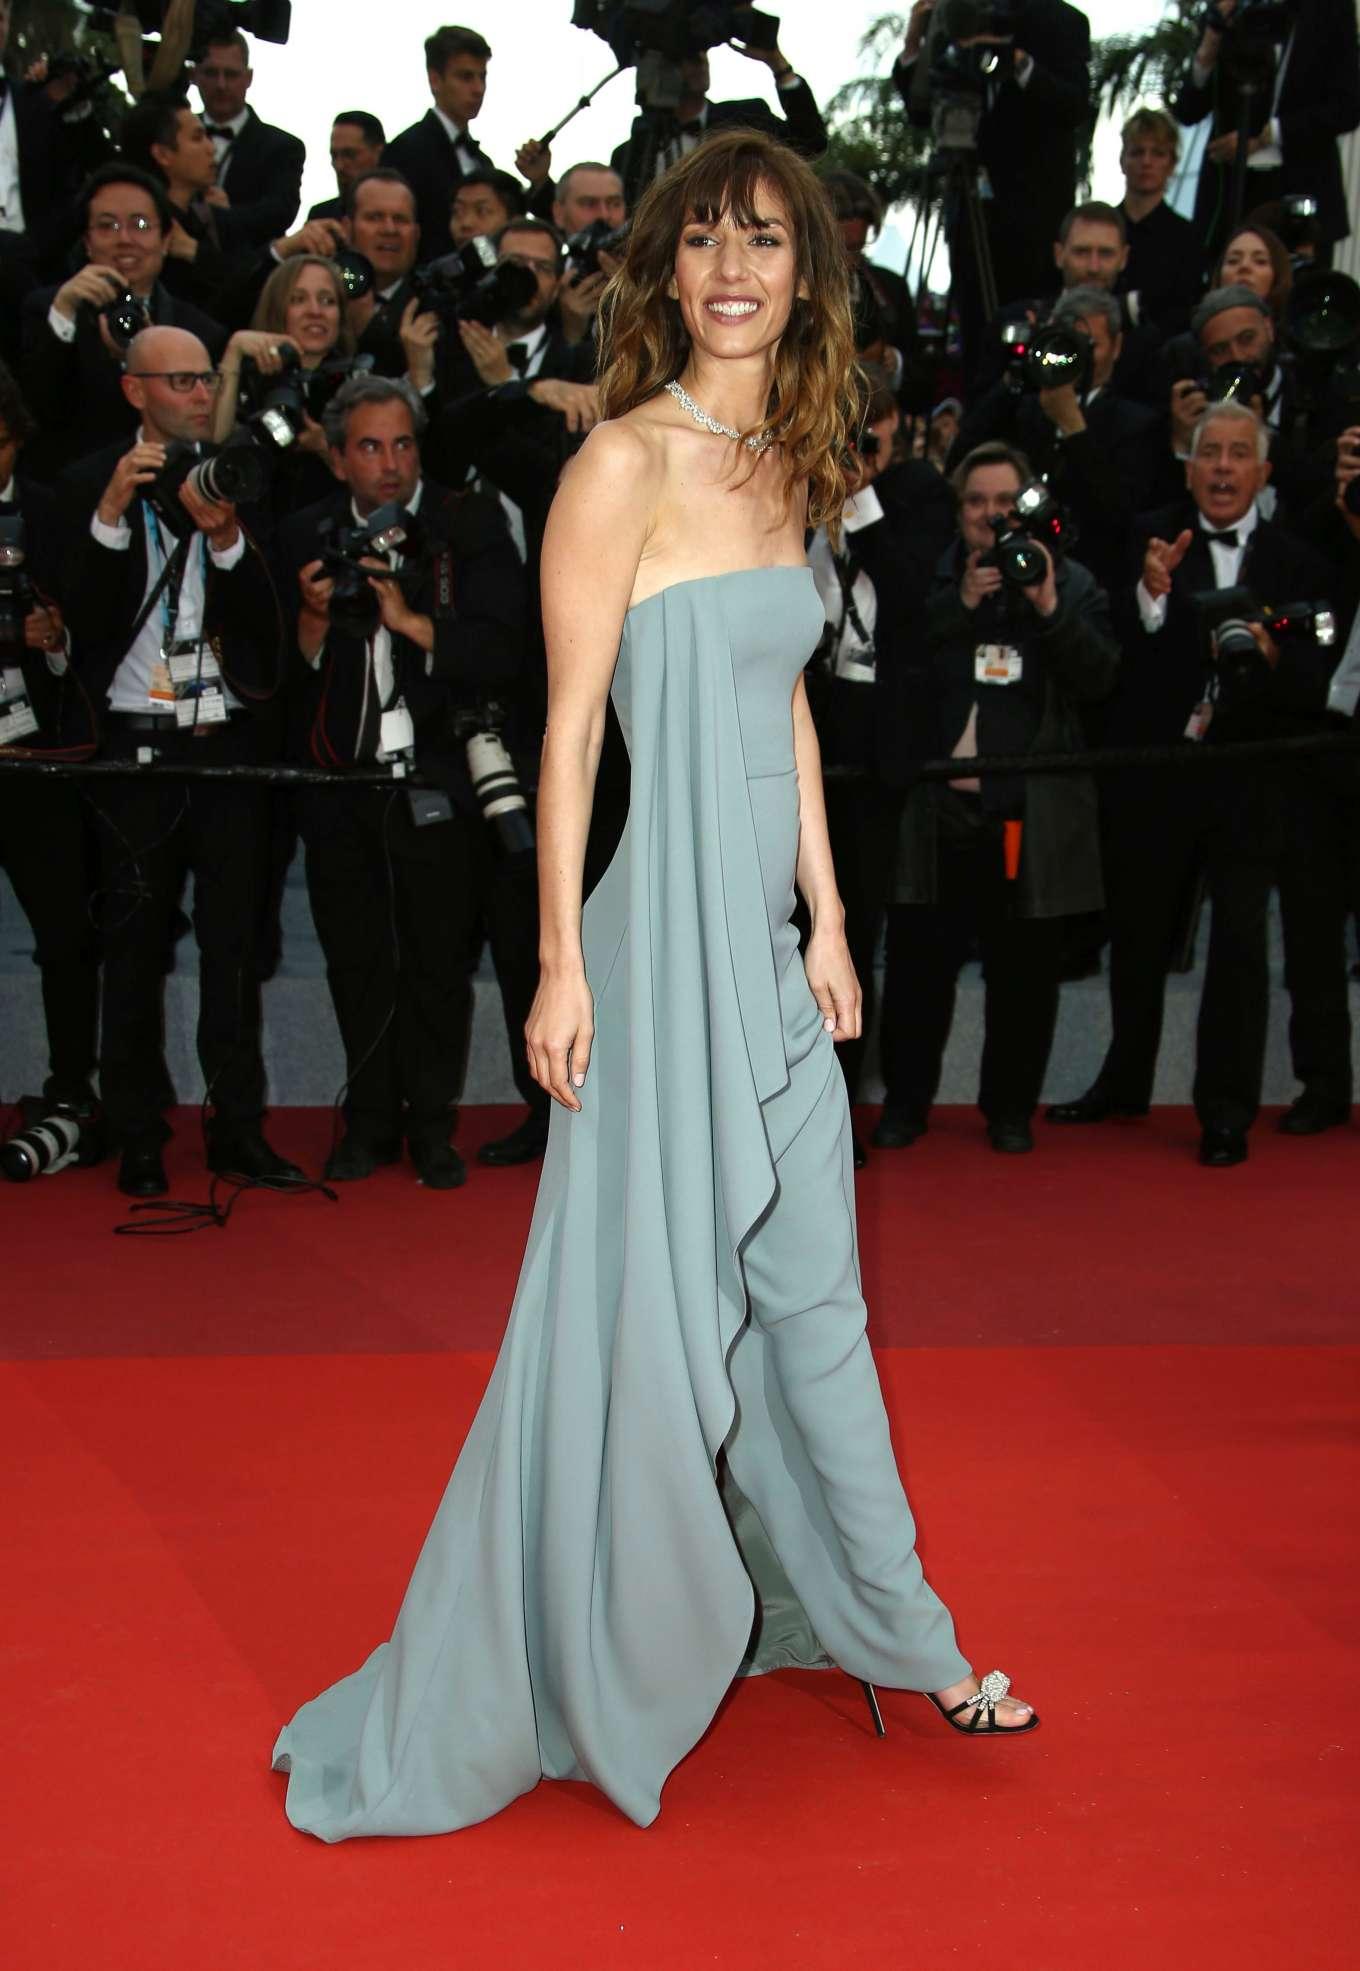 Doria Tillier 2019 : Doria Tillier: La Belle Epoque Premiere at 2019 Cannes Film Festival-09